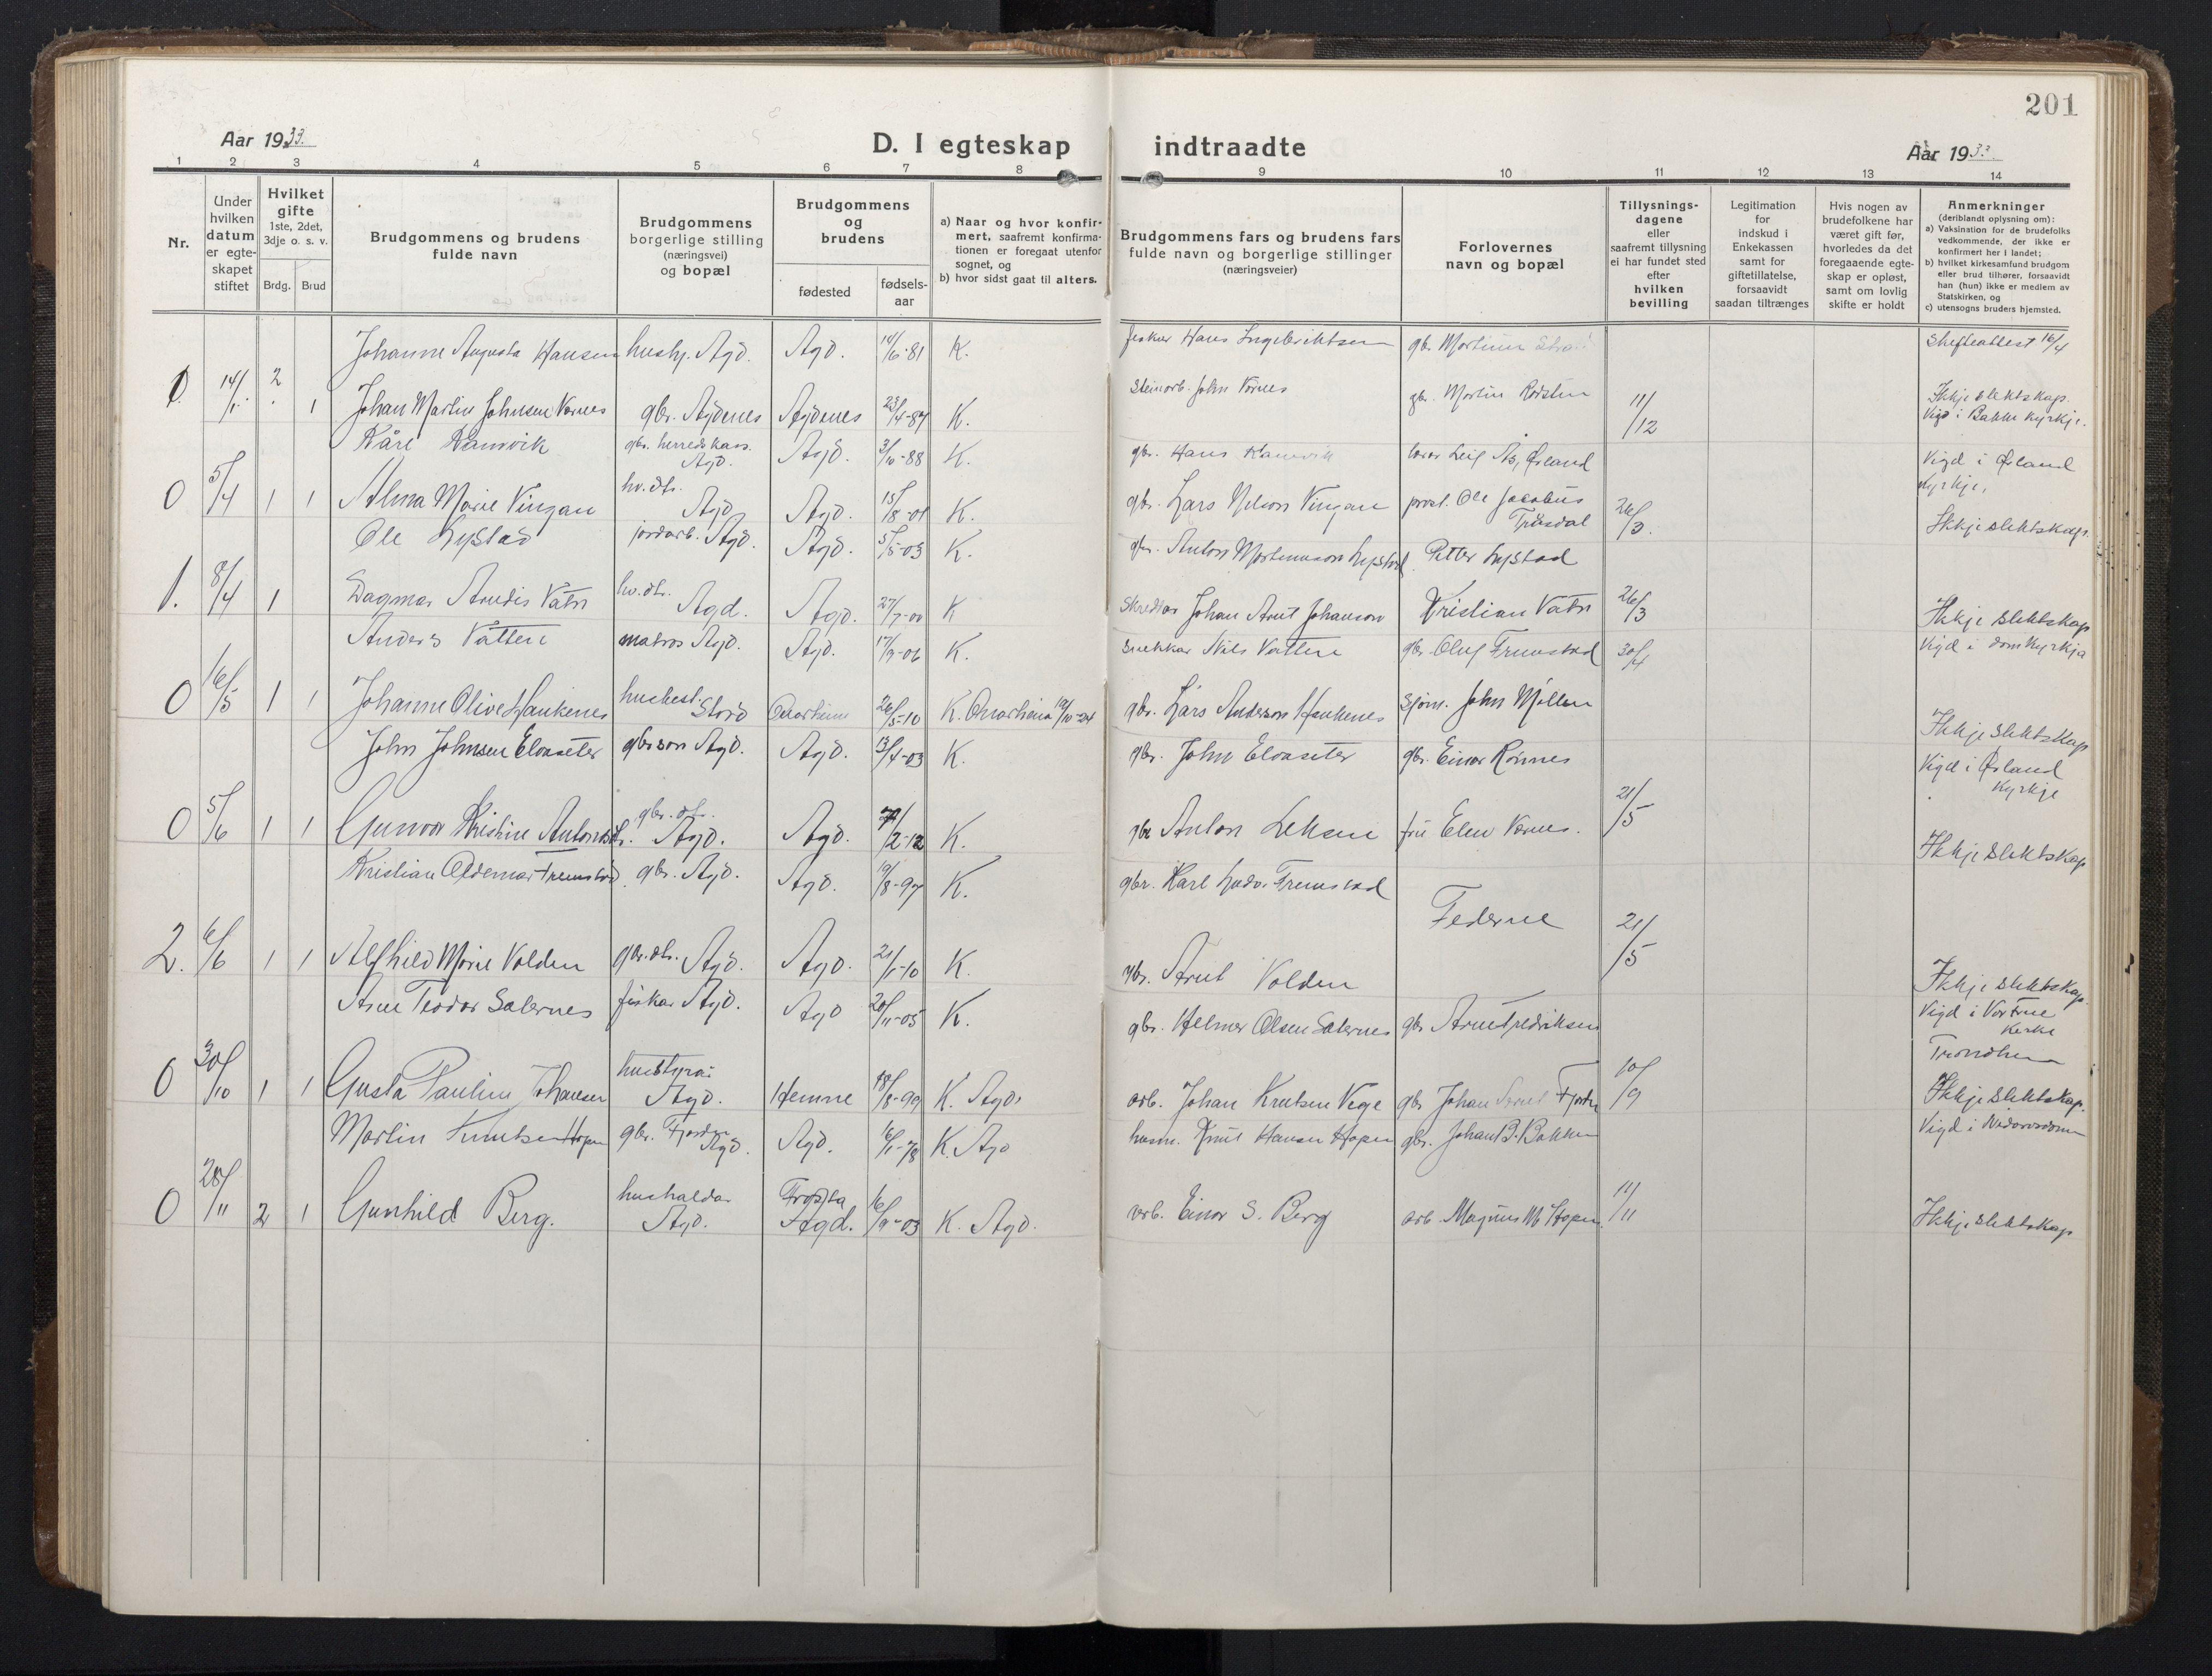 SAT, Ministerialprotokoller, klokkerbøker og fødselsregistre - Sør-Trøndelag, 662/L0758: Klokkerbok nr. 662C03, 1918-1948, s. 201